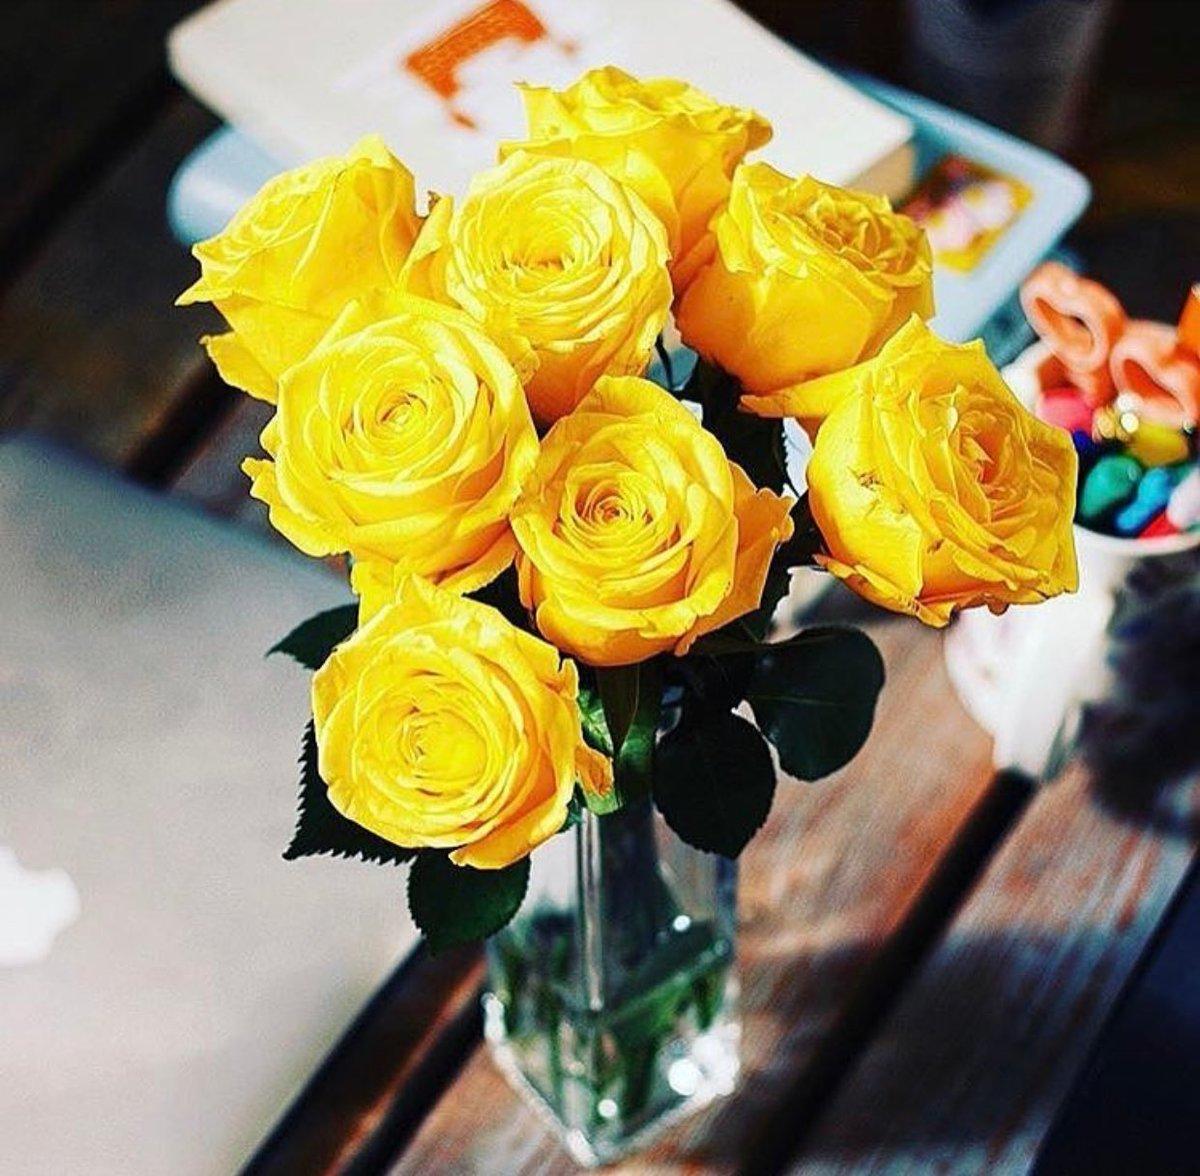 اقتباسات عن الورد الاصفر تويتر Aiqtabas Blog